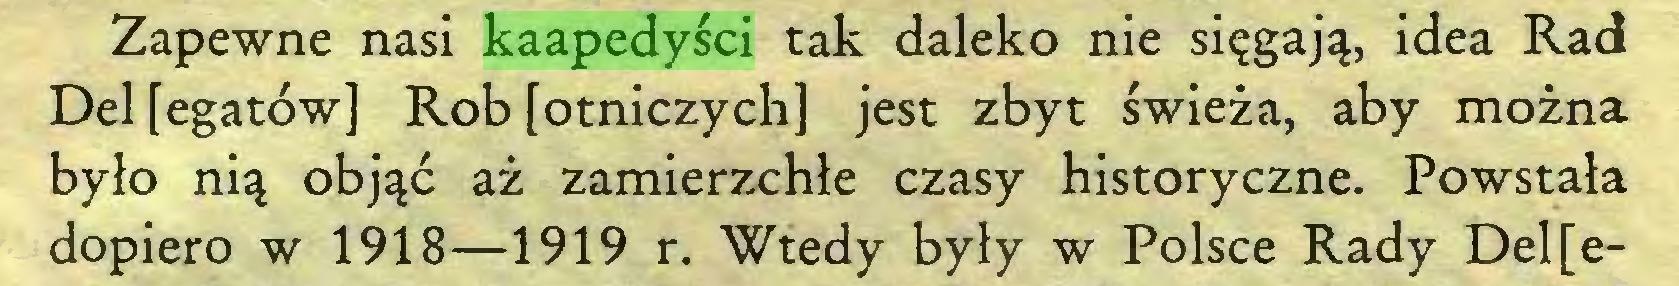 (...) Zapewne nasi kaapedyści tak daleko nie sięgają, idea Rad Del [egatów] Rob [otniczych] jest zbyt świeża, aby można było nią objąć aż zamierzchłe czasy historyczne. Powstała dopiero w 1918—1919 r. Wtedy były w Polsce Rady Dele...